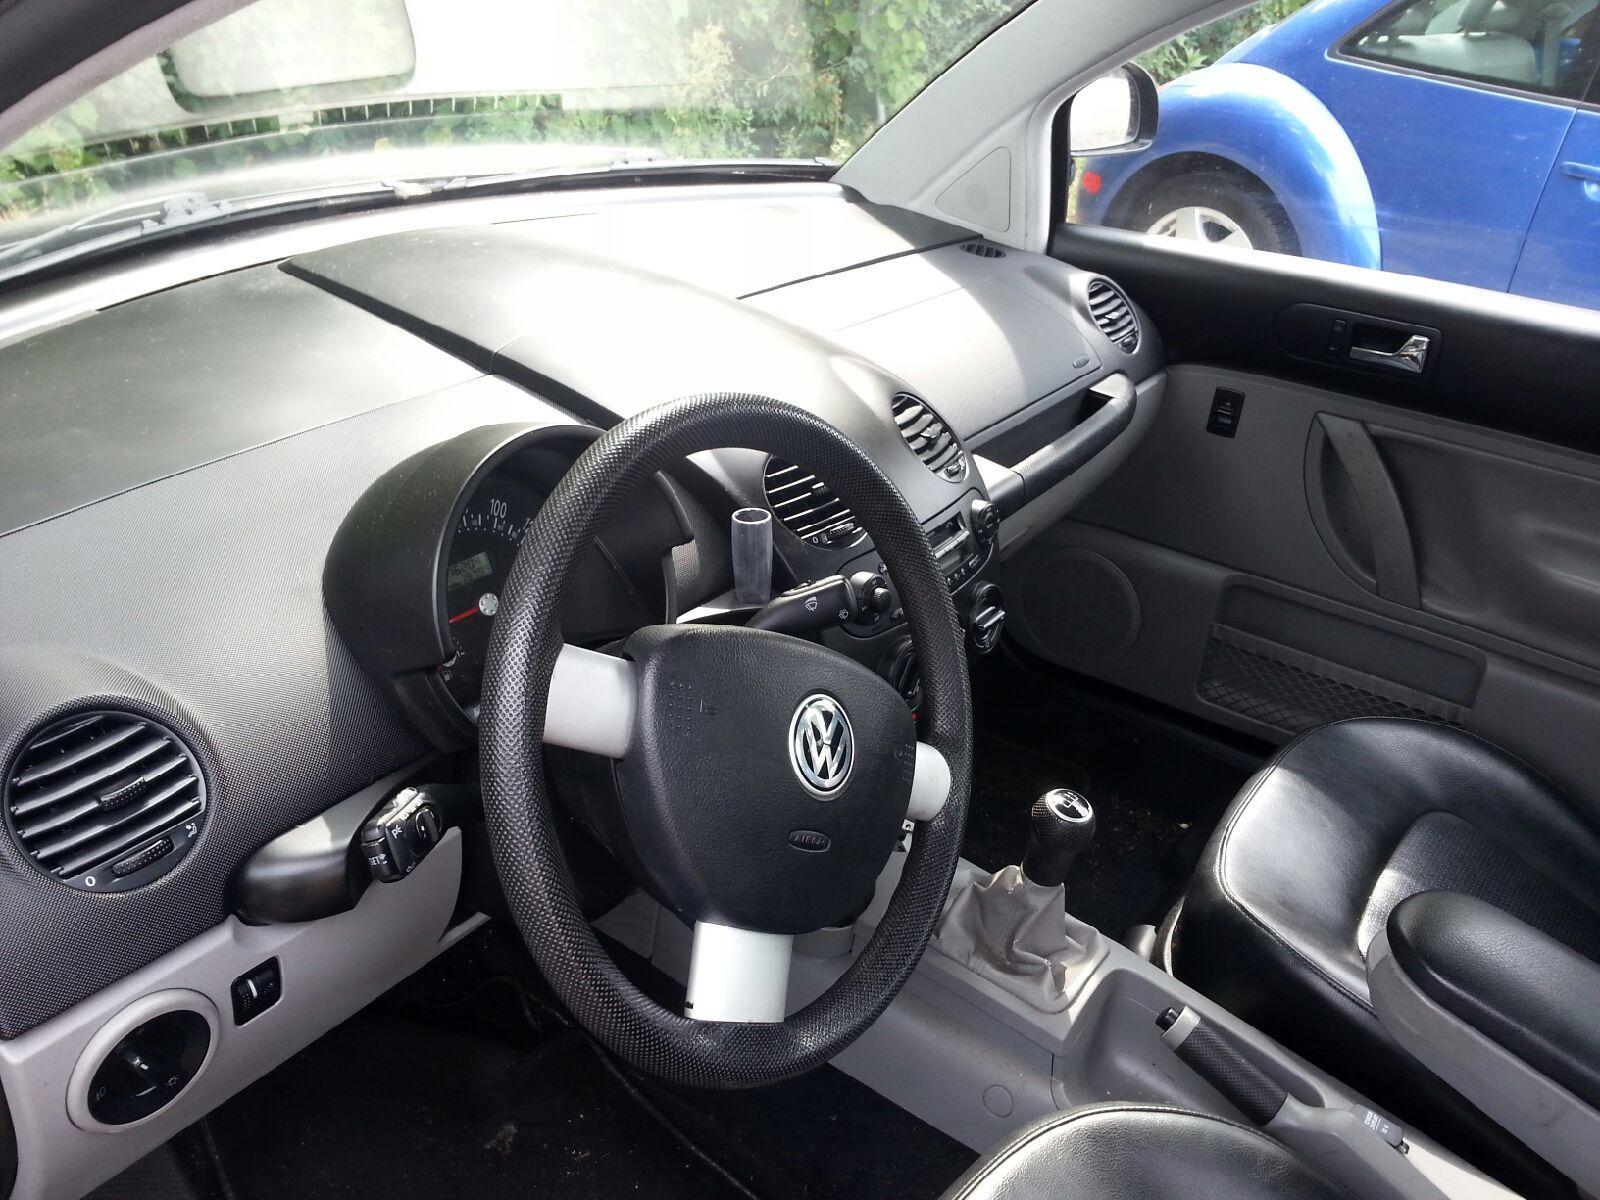 2000 Volkswagen Beetle Pictures Cargurus